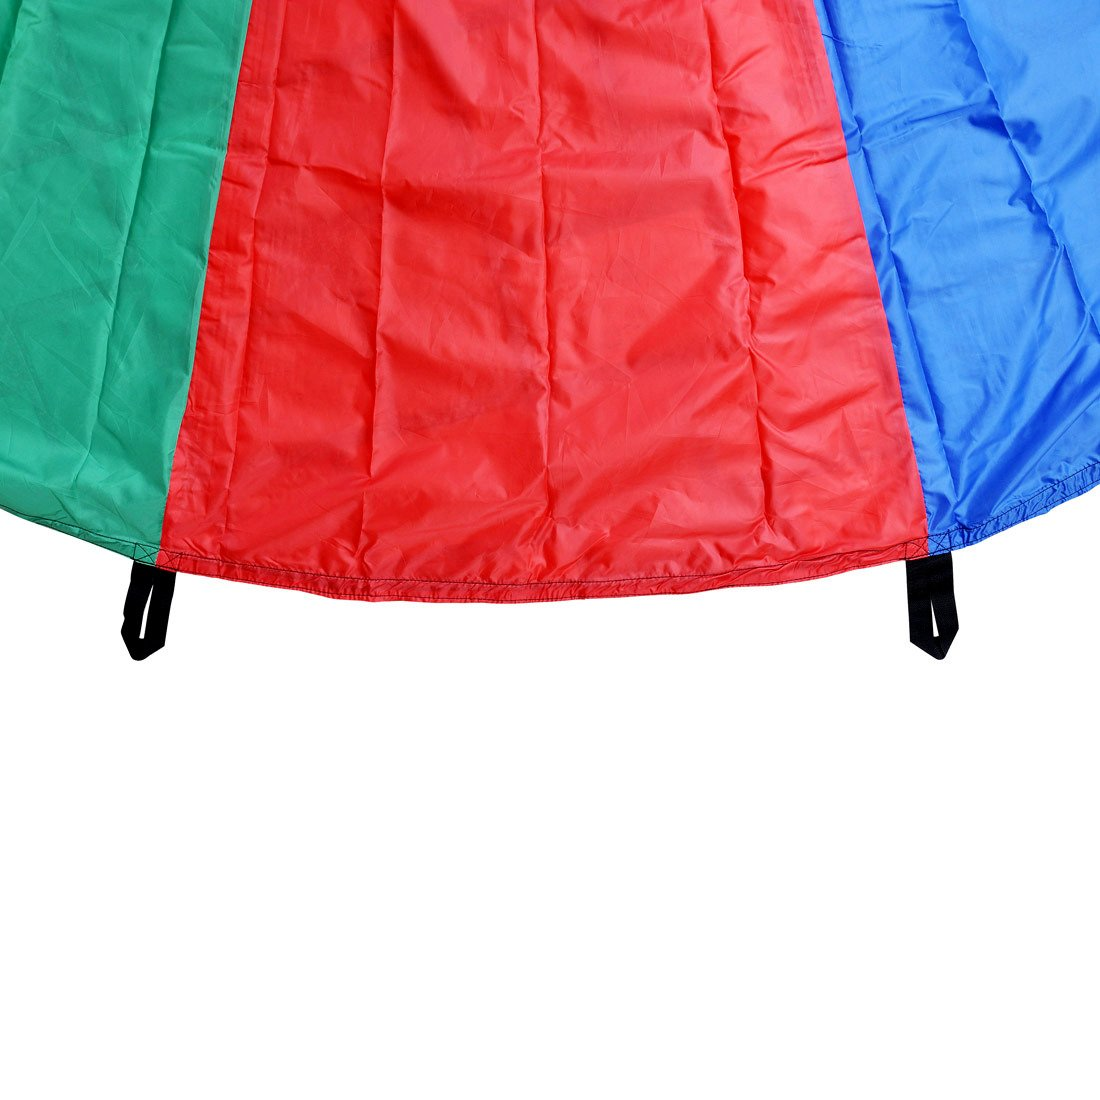 GSI Kids Play Parachute Arc-en-Parachute Toy Game Tente pour Les Enfants Gymnastic Cooperative Play et en Plein air activit/és Aire de Jeux